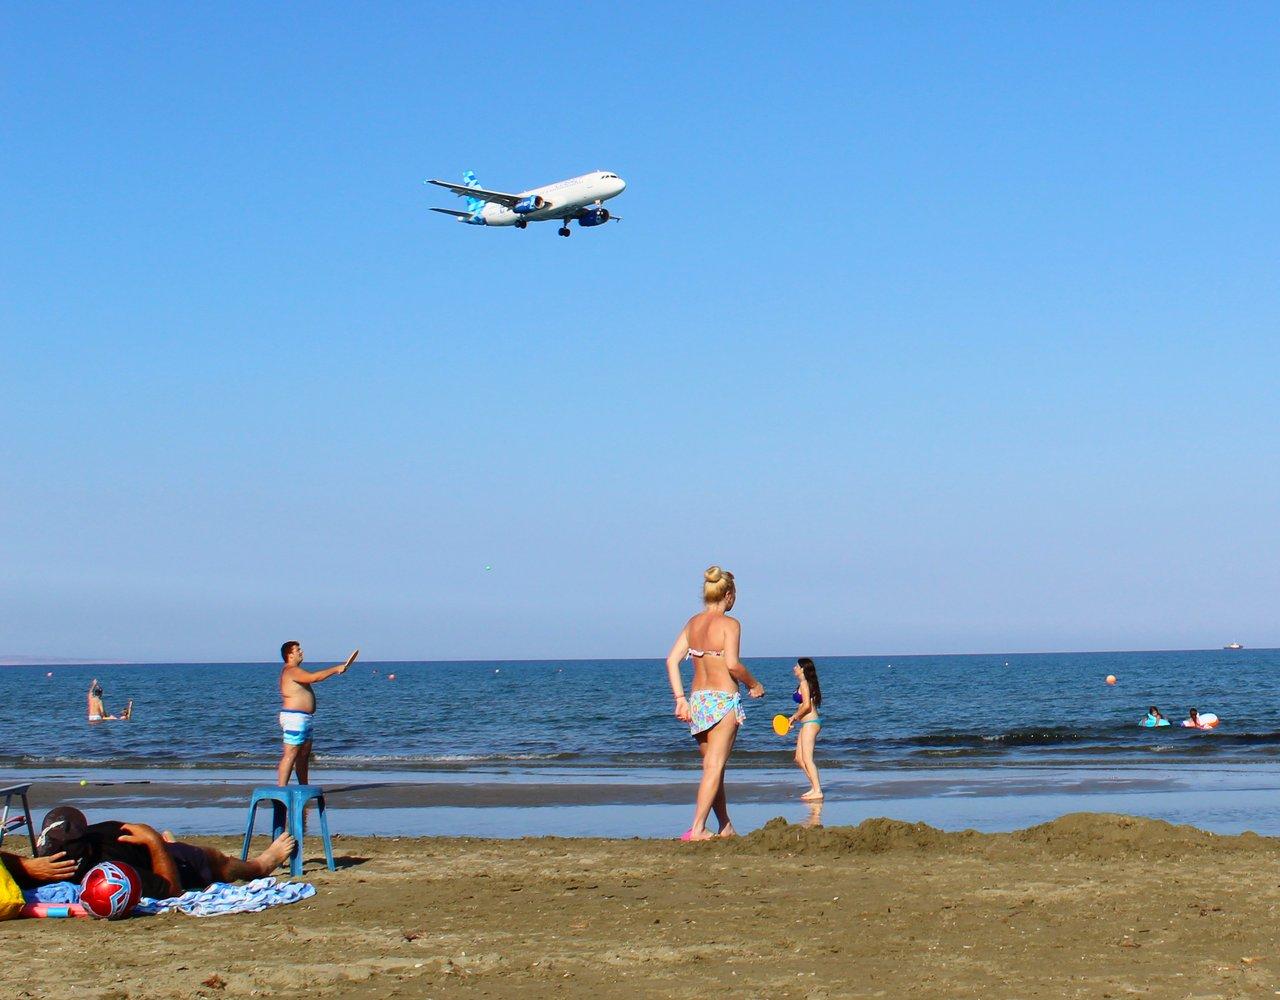 Смотри! Отдых на Кипре в 2019 году: обзор, фото, пляжи, где лучше в 2019 году